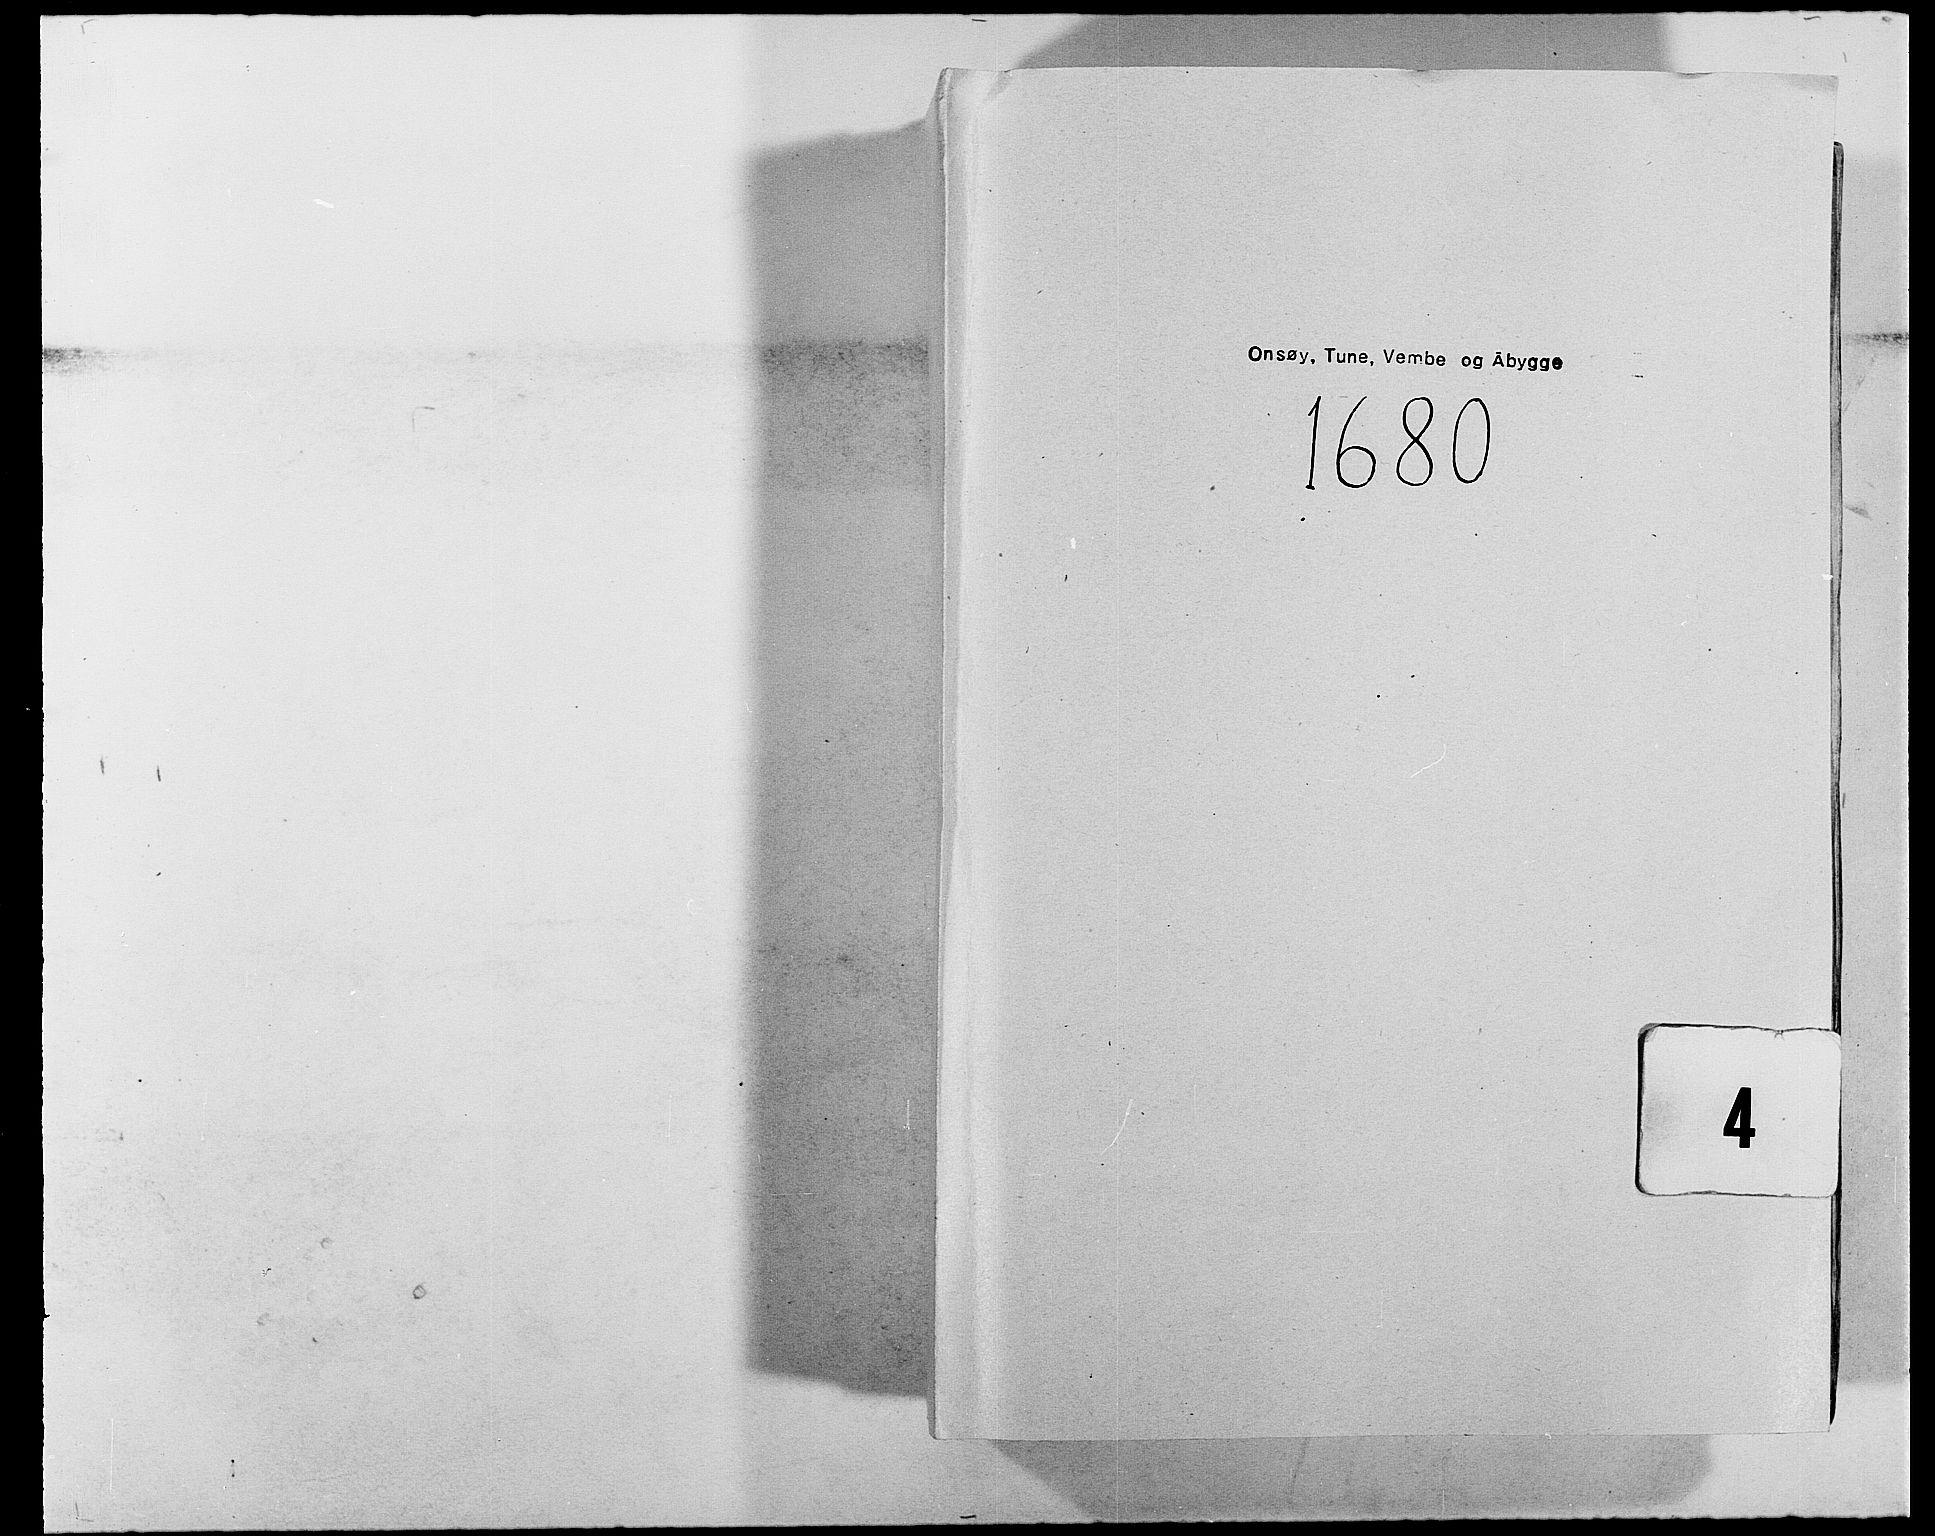 RA, Rentekammeret inntil 1814, Reviderte regnskaper, Fogderegnskap, R03/L0111: Fogderegnskap Onsøy, Tune, Veme og Åbygge fogderi, 1680, s. 1